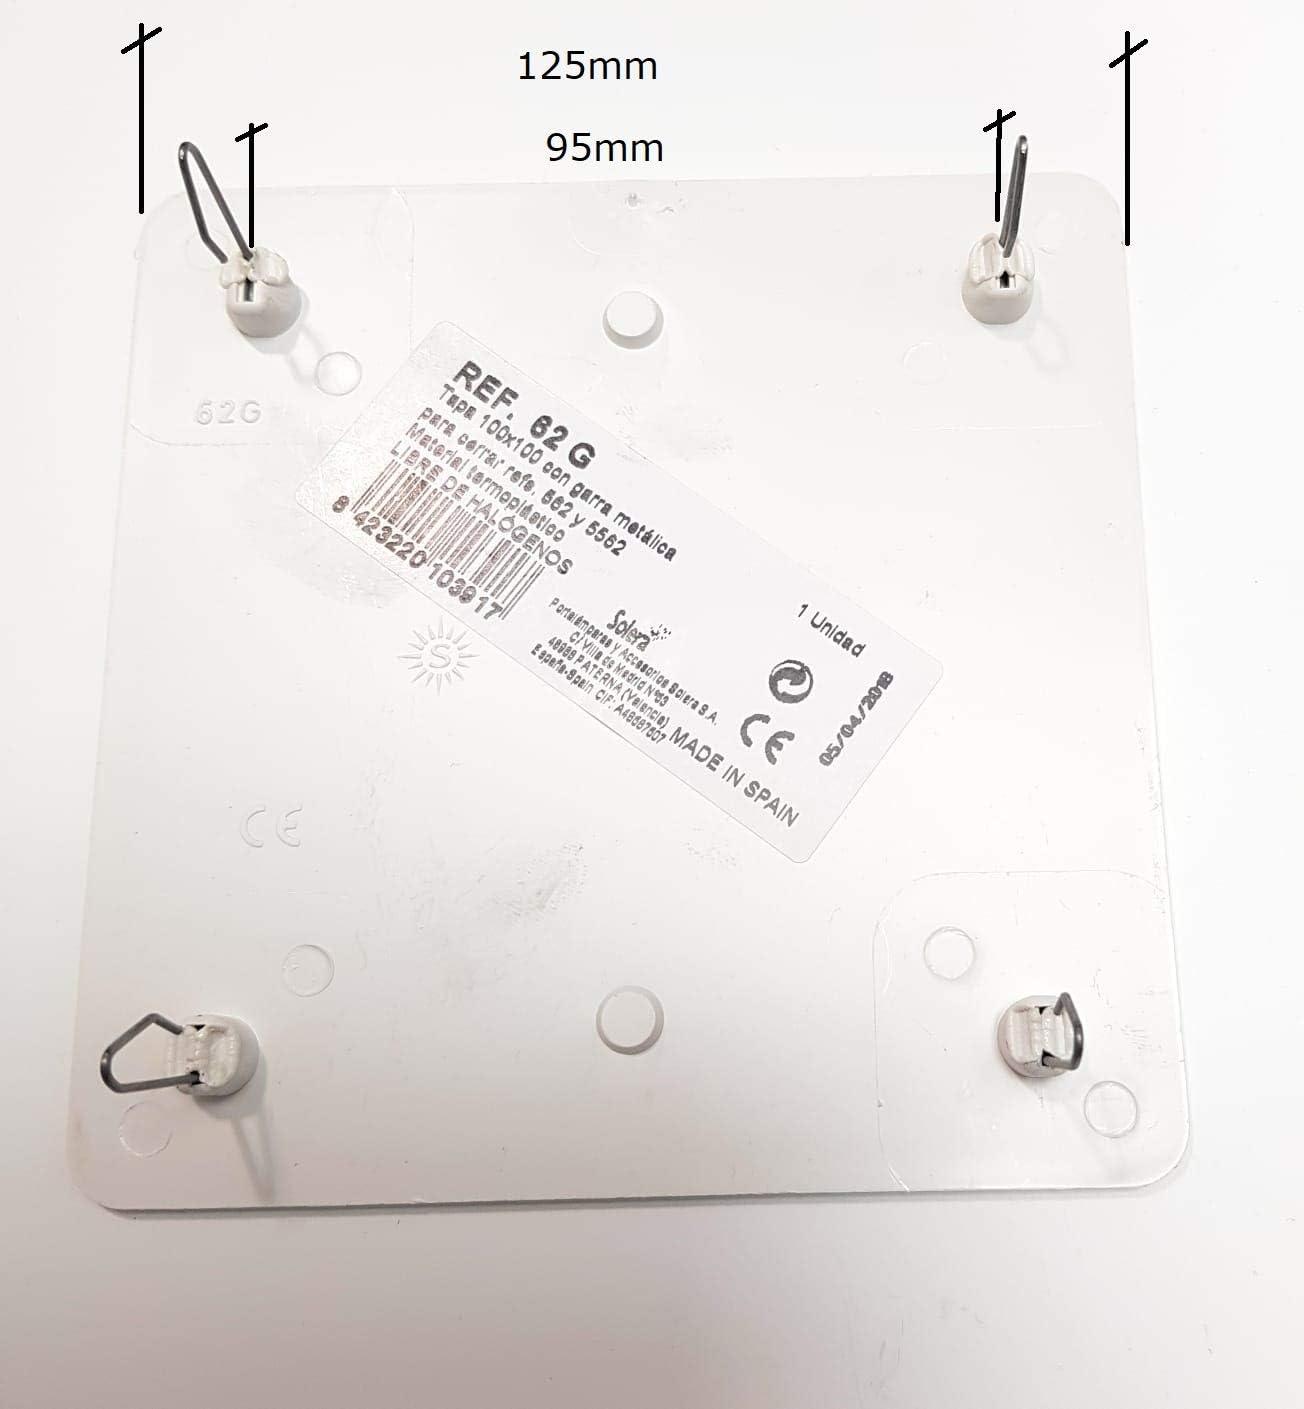 SOLERA Tapa Caja Empalme 100x100mm Garra Metálica: Amazon.es: Bricolaje y herramientas